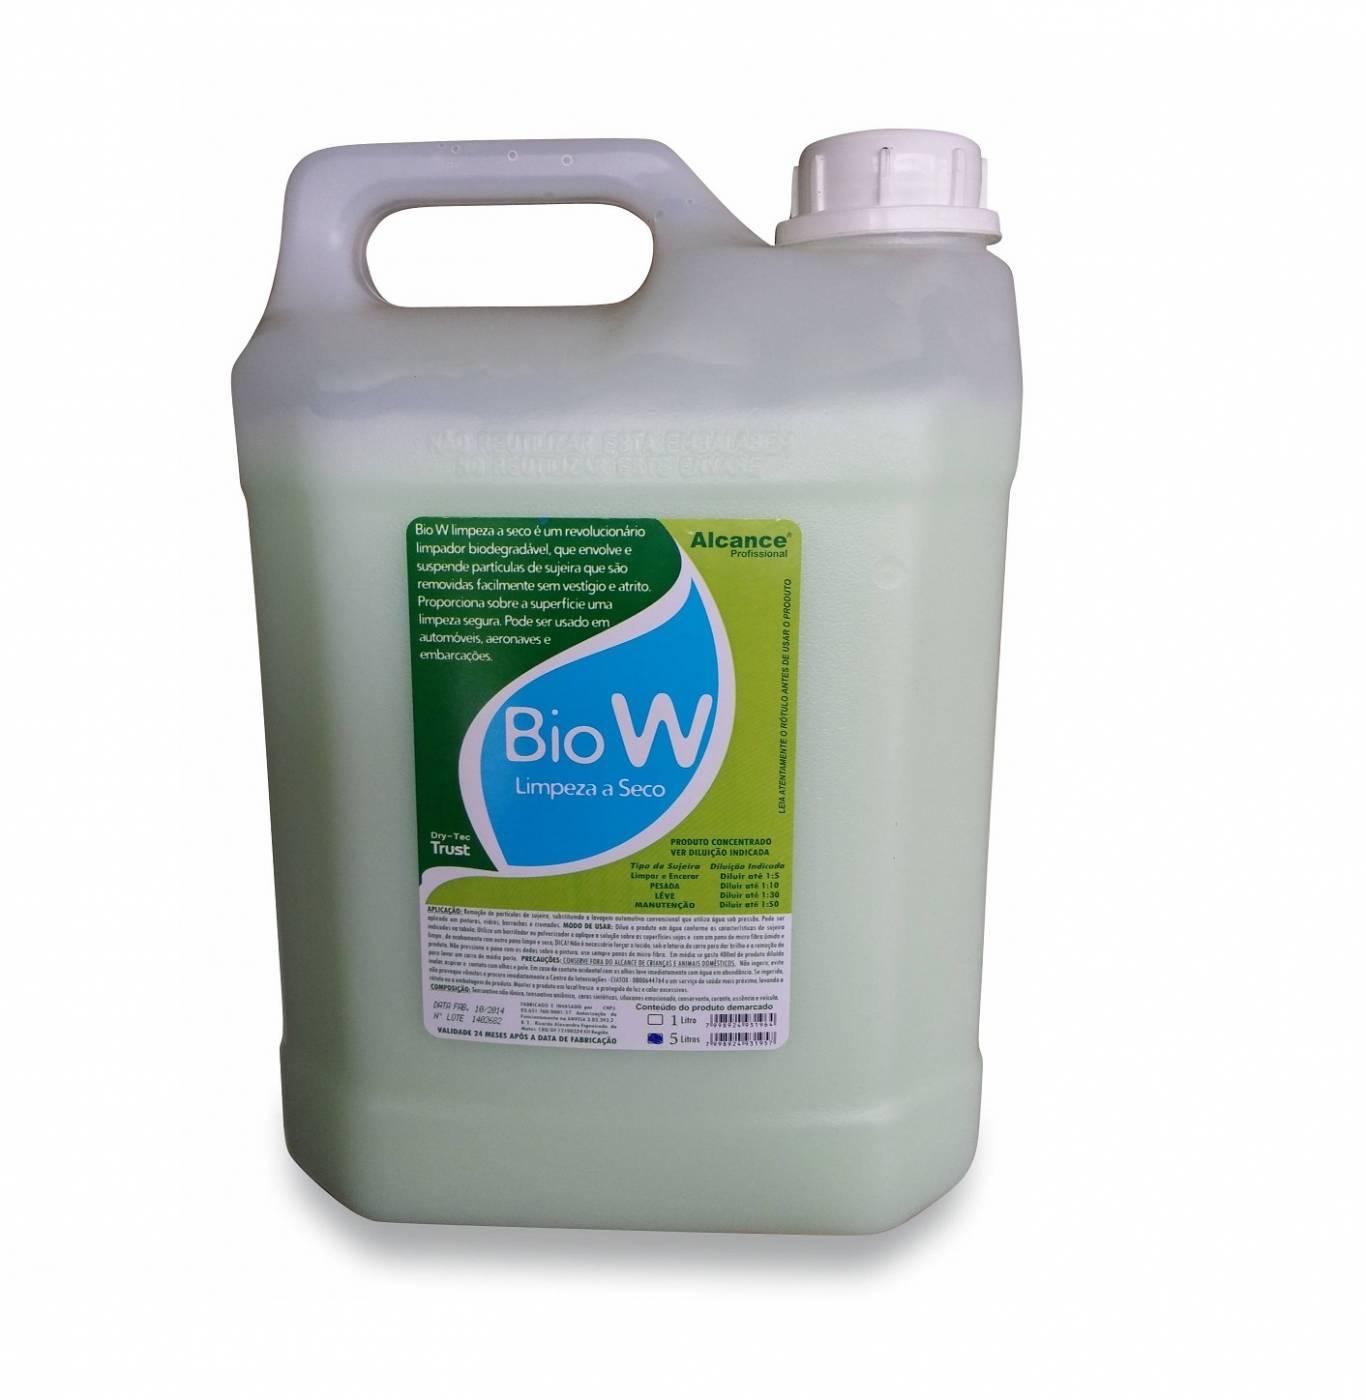 Alcance Bio W Limpeza a Seco Concentrado Biodegradável 5lt